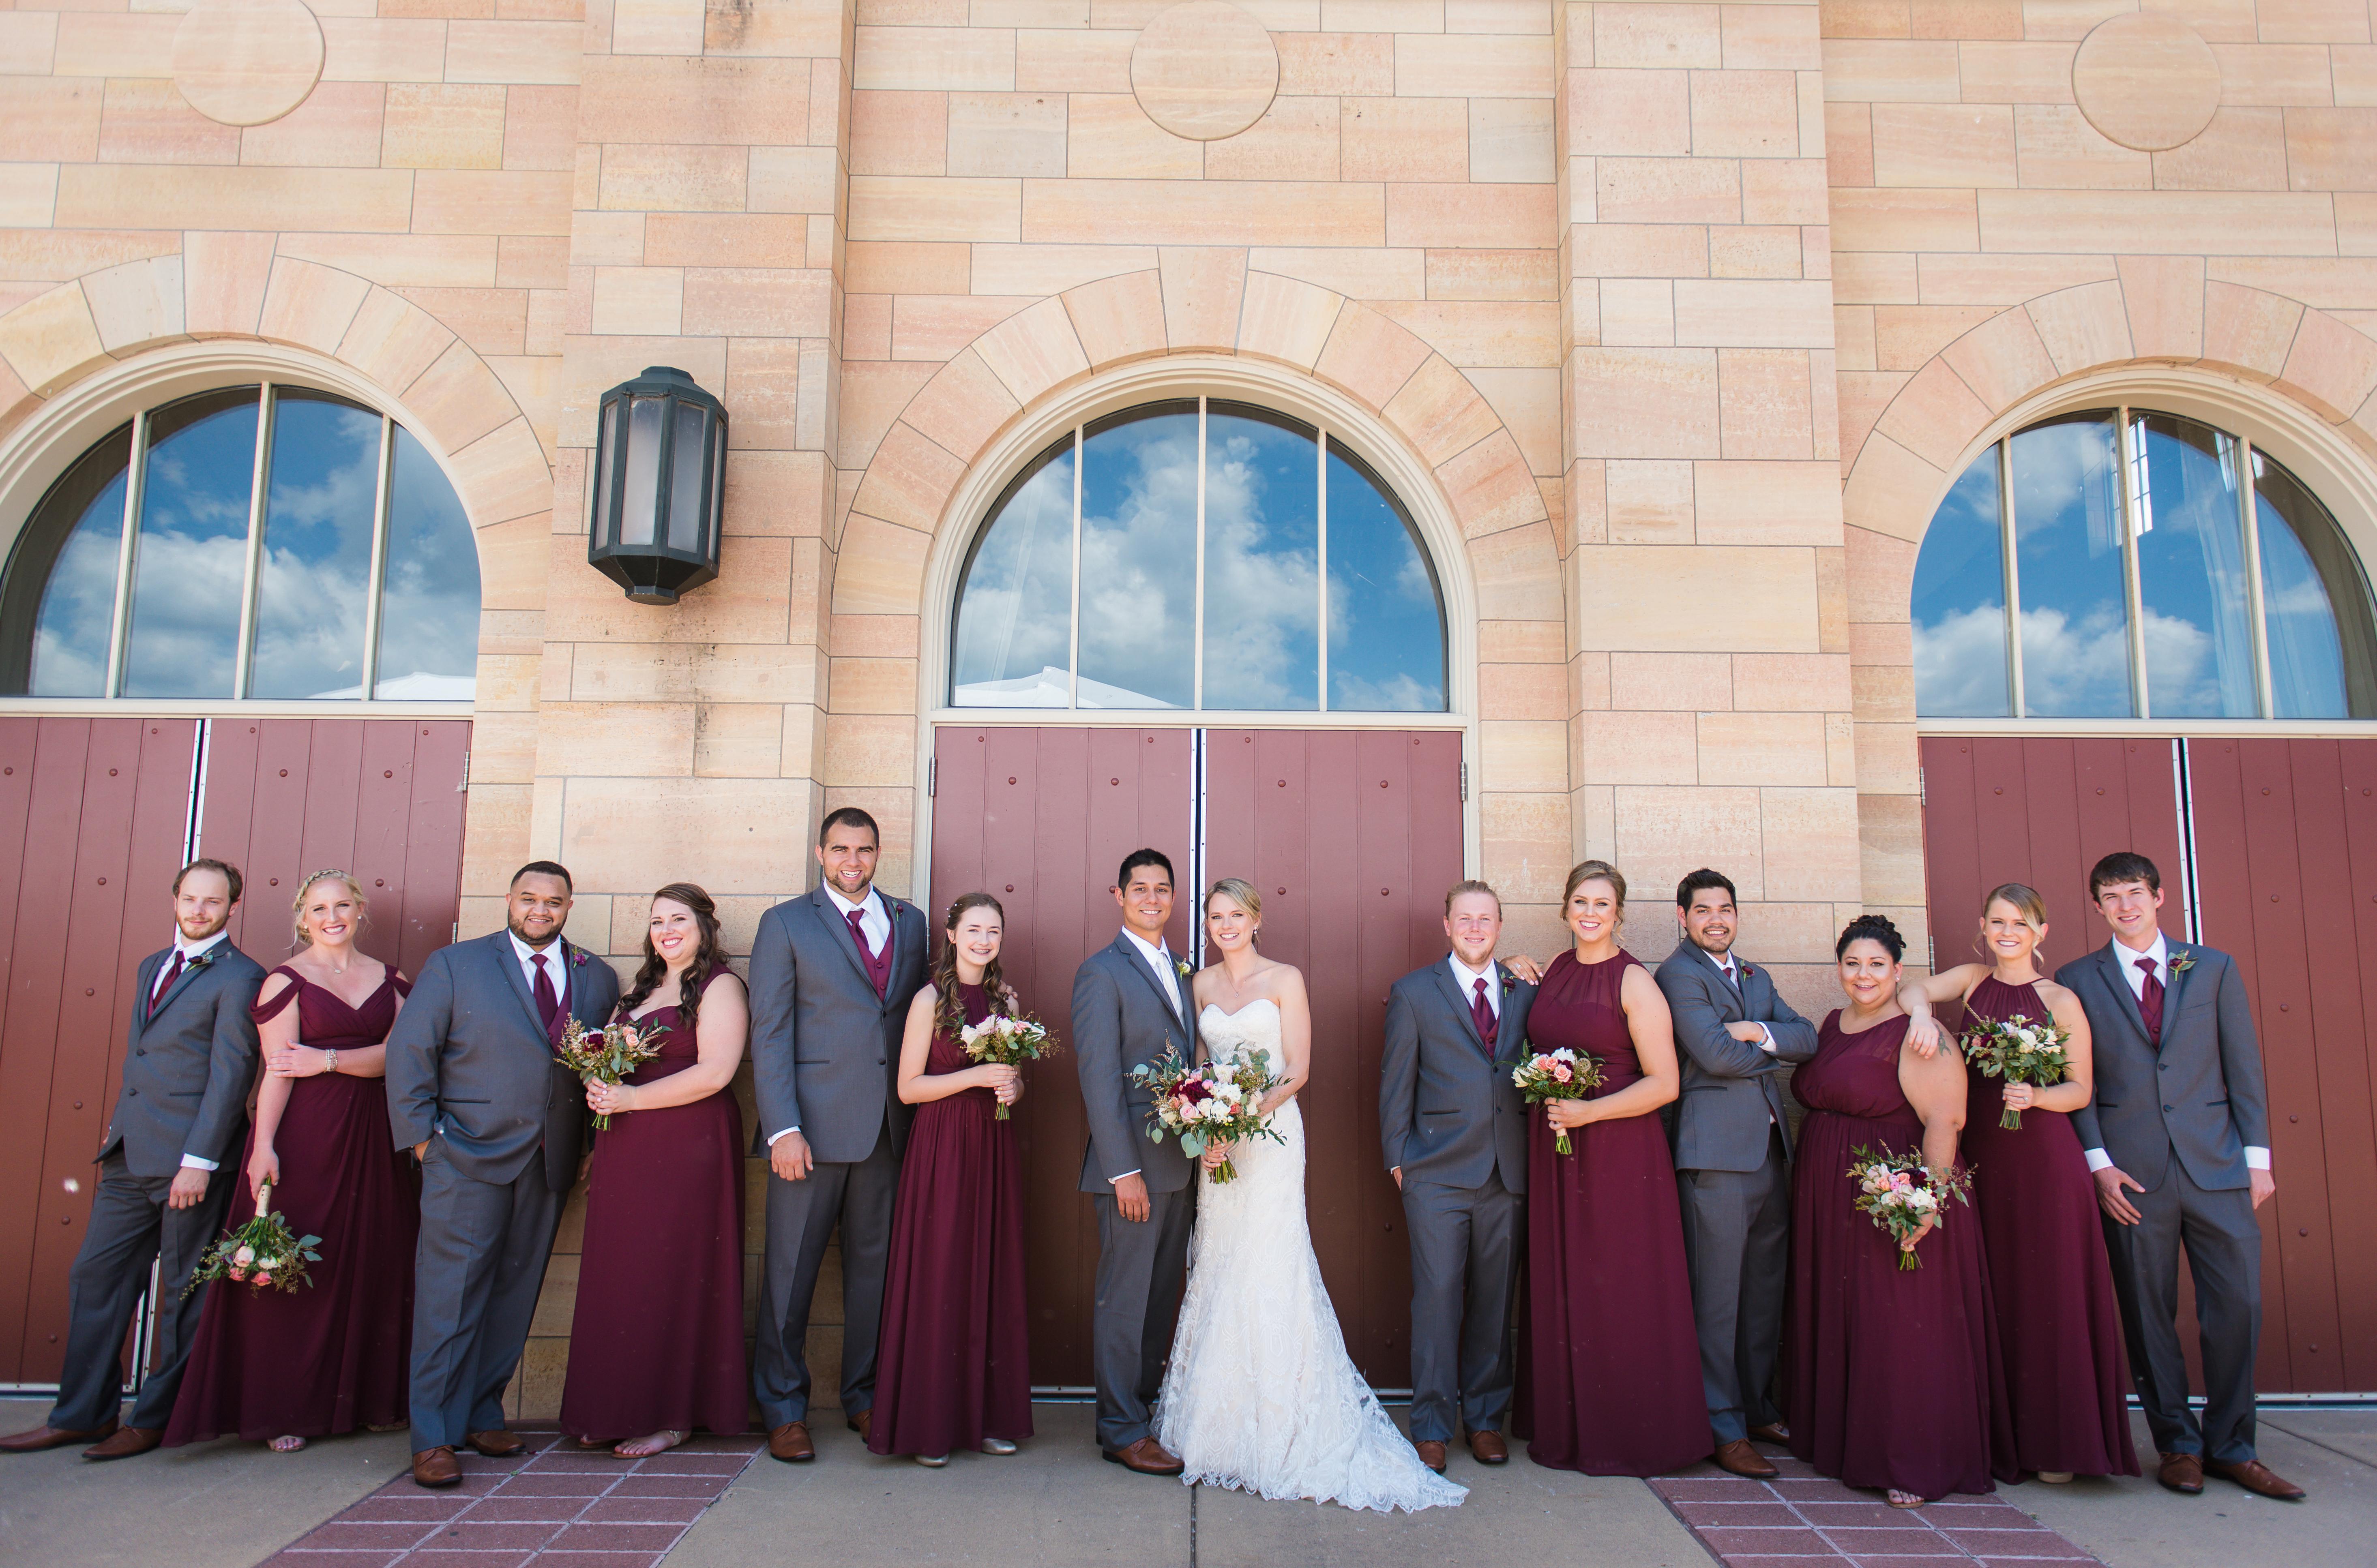 twincities wedding photography east oaks photography wedding photo (6)